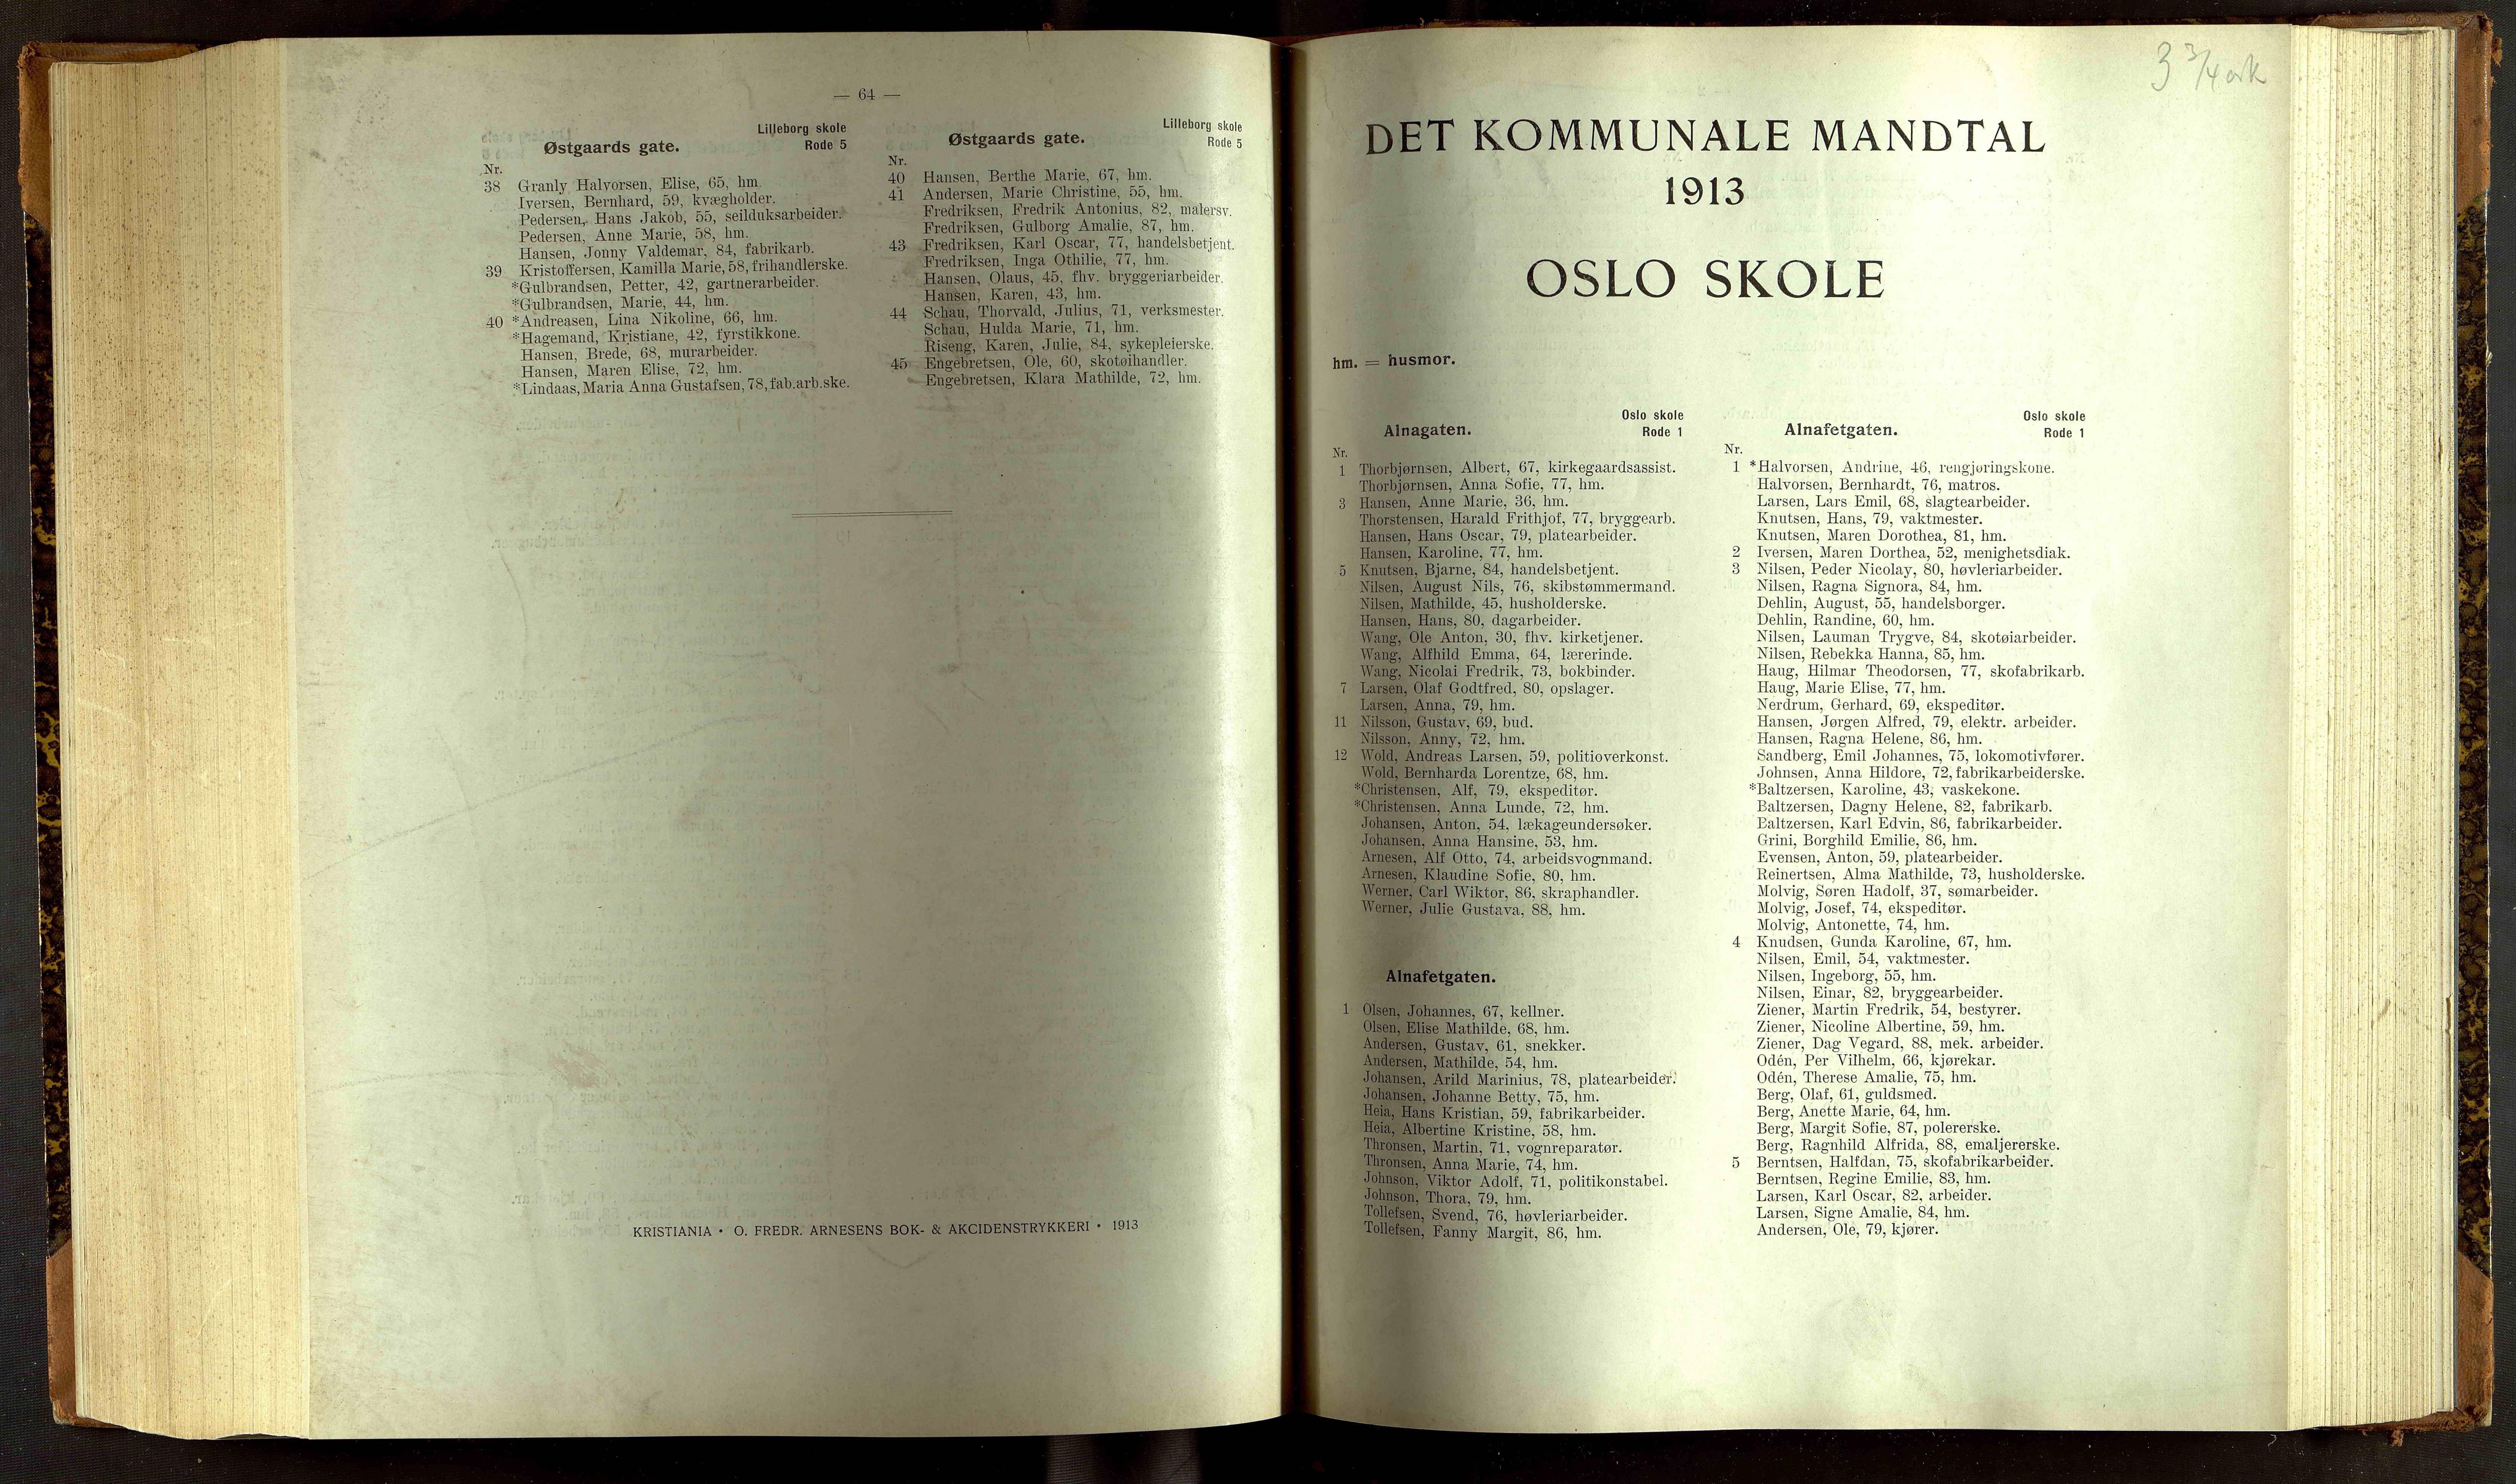 OBA, Folkeregisteret ( Valgstyret ), 1913, s. 7064-8001